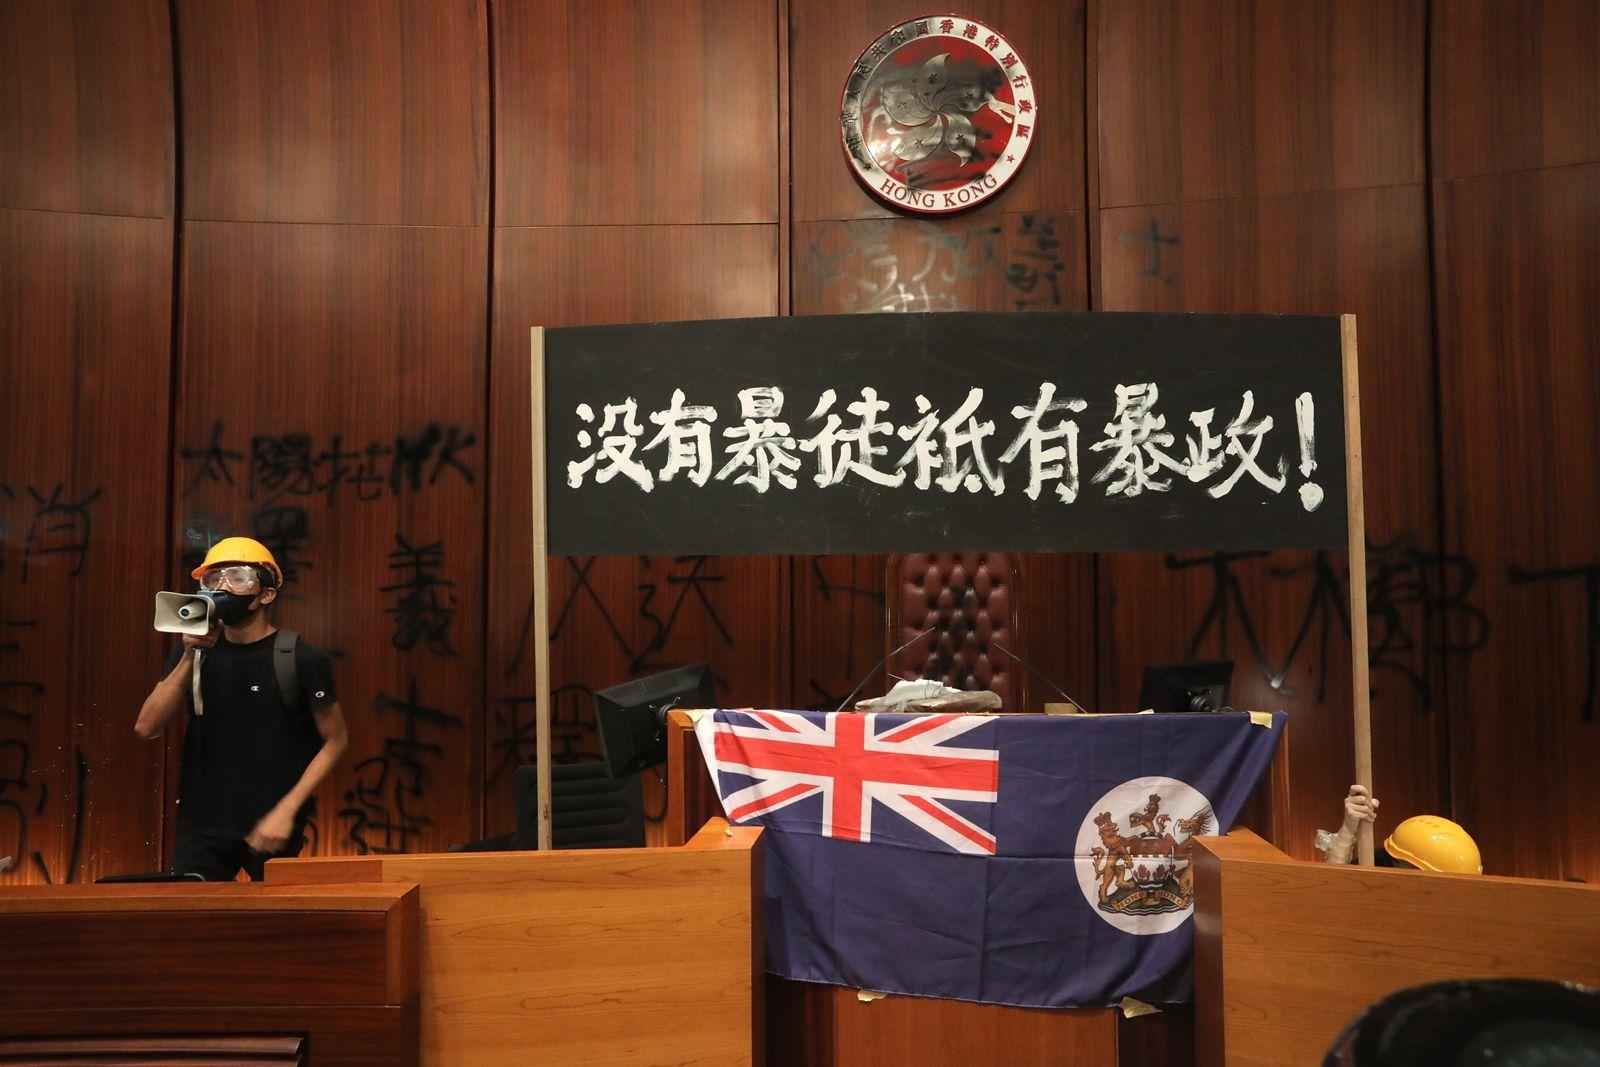 AFP-ผู้ประท้วงฮ่องกงต้านร่างกฎหมายส่งผู้ร้ายข้ามแดนให้จีนบุกเข้าไปในอาคารรัฐสภาในวันครบรอบ 22 ปีอังกฤษคืนฮ่องกงให้จีน-5.jpg